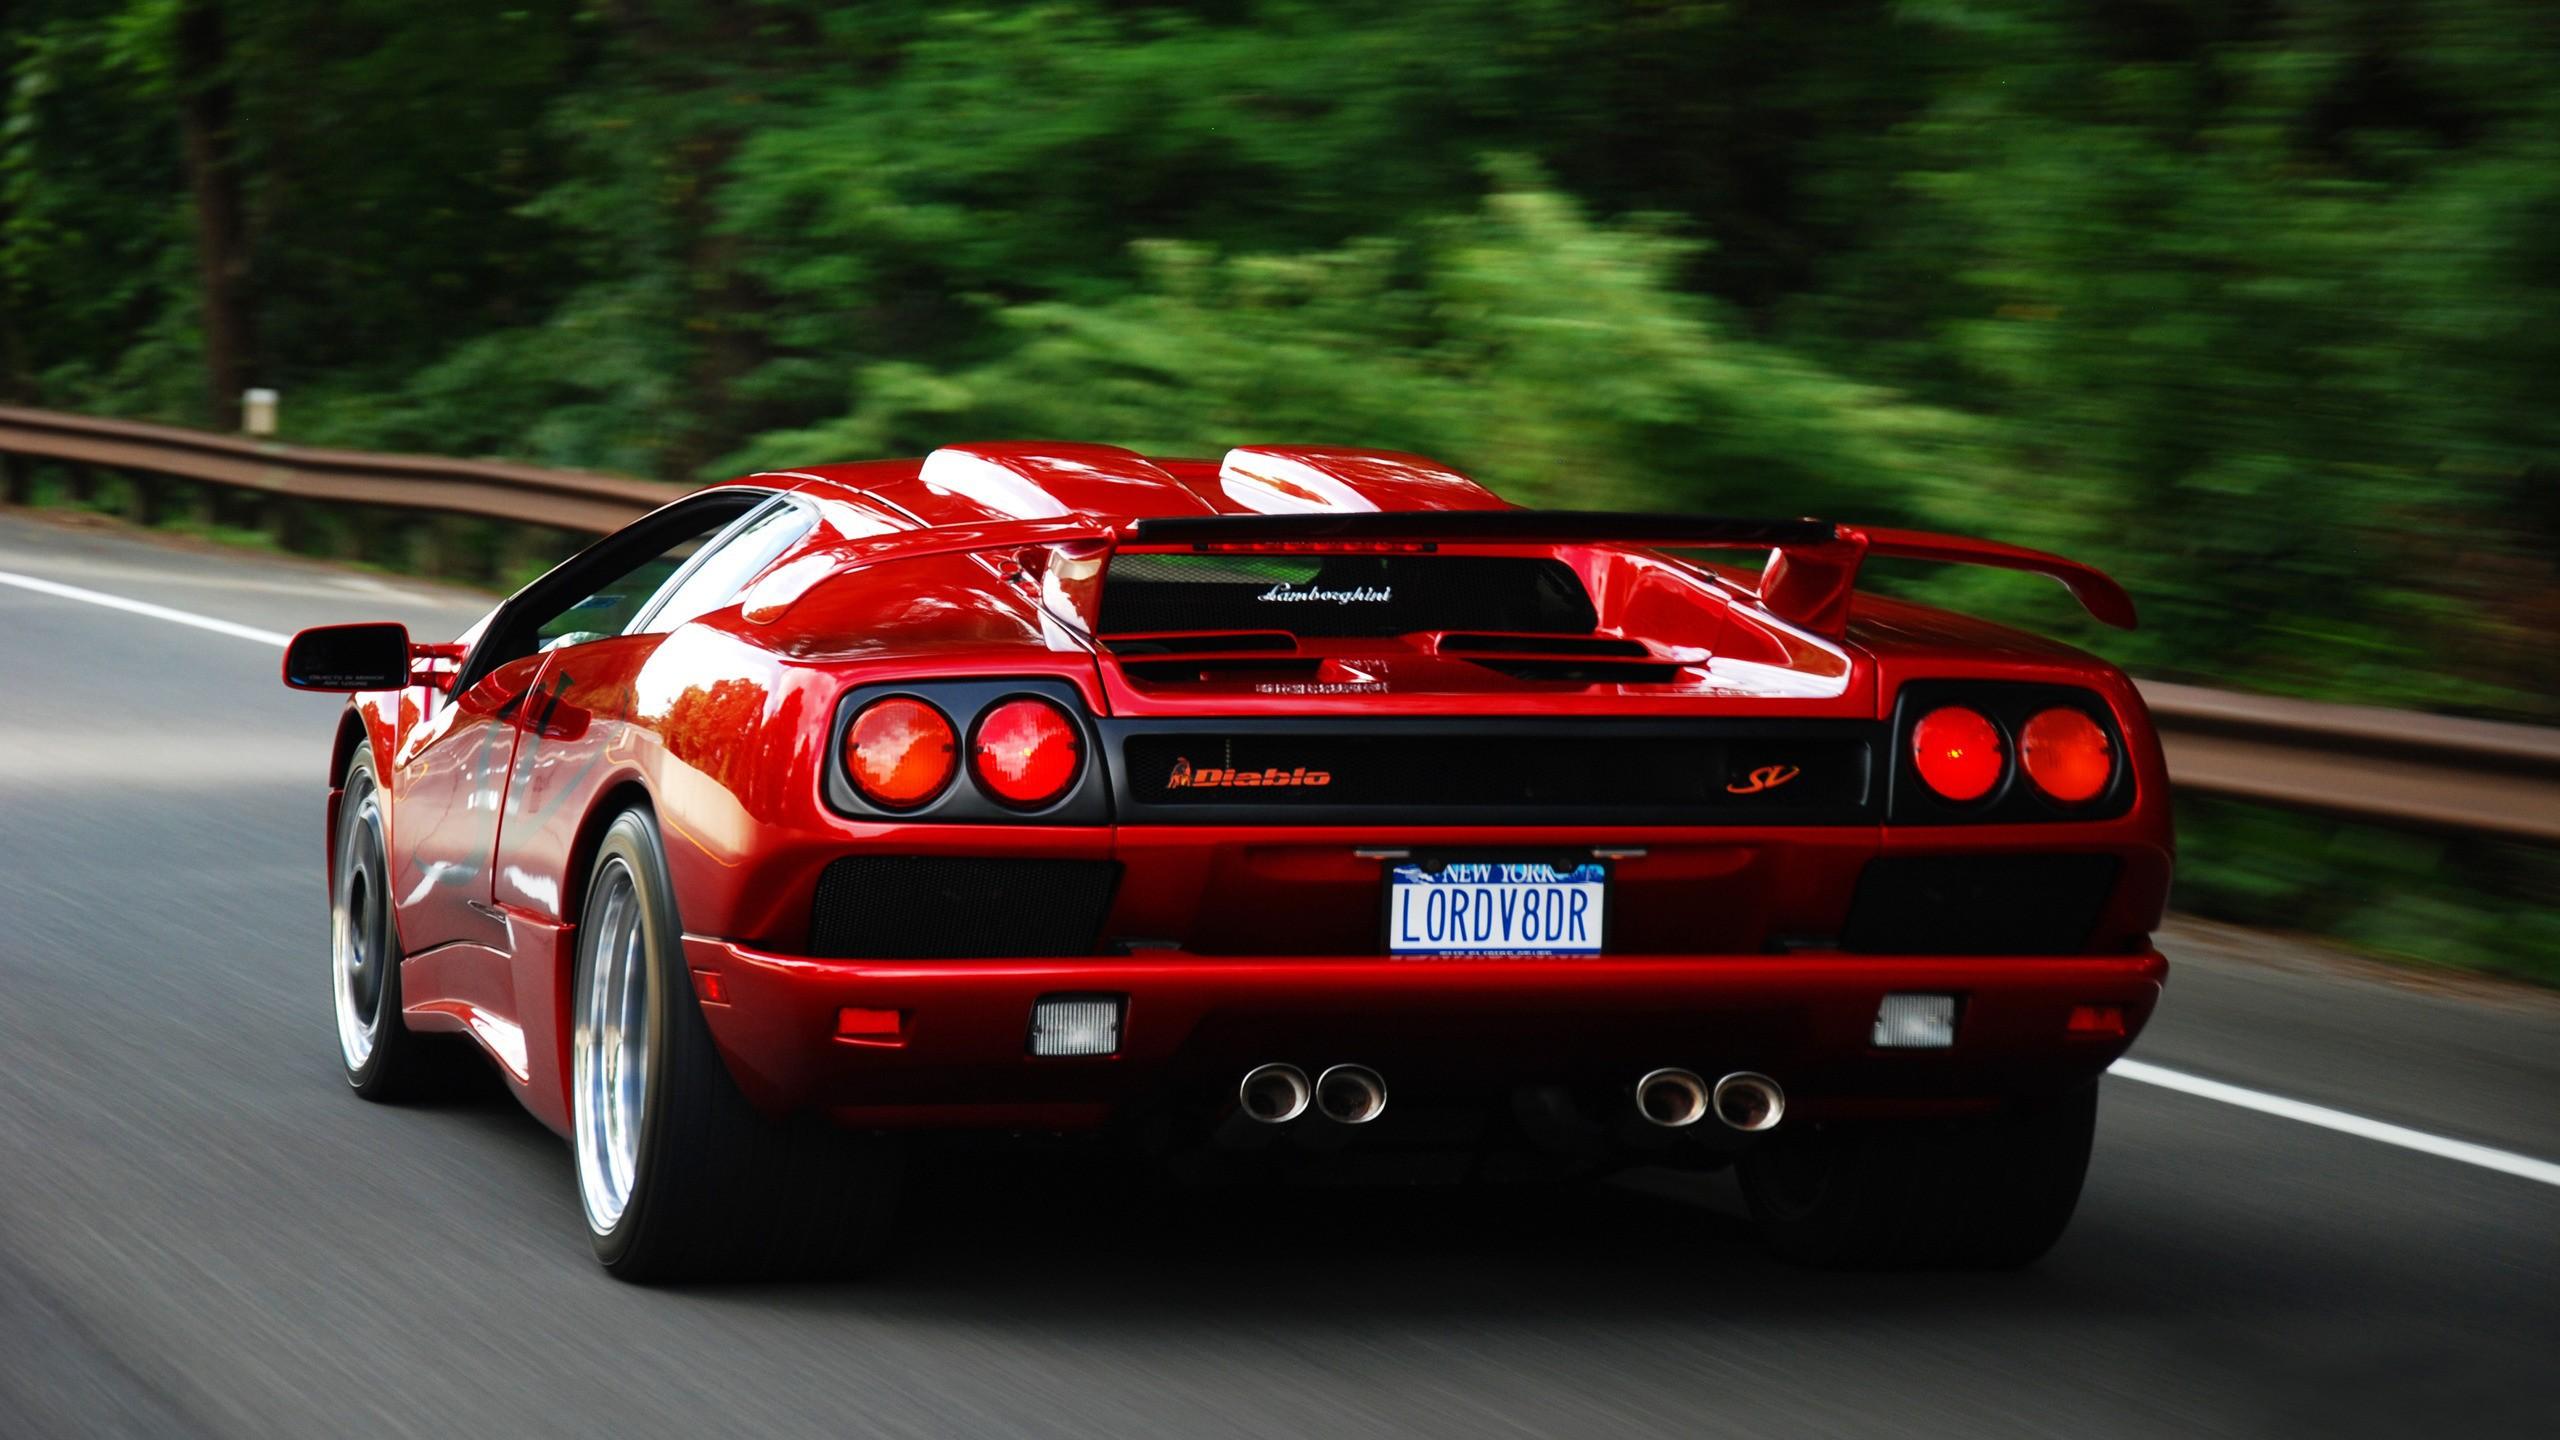 Hinh Nền 2560x1440 Px Xe Hơi Lamborghini Diablo Lamborghini